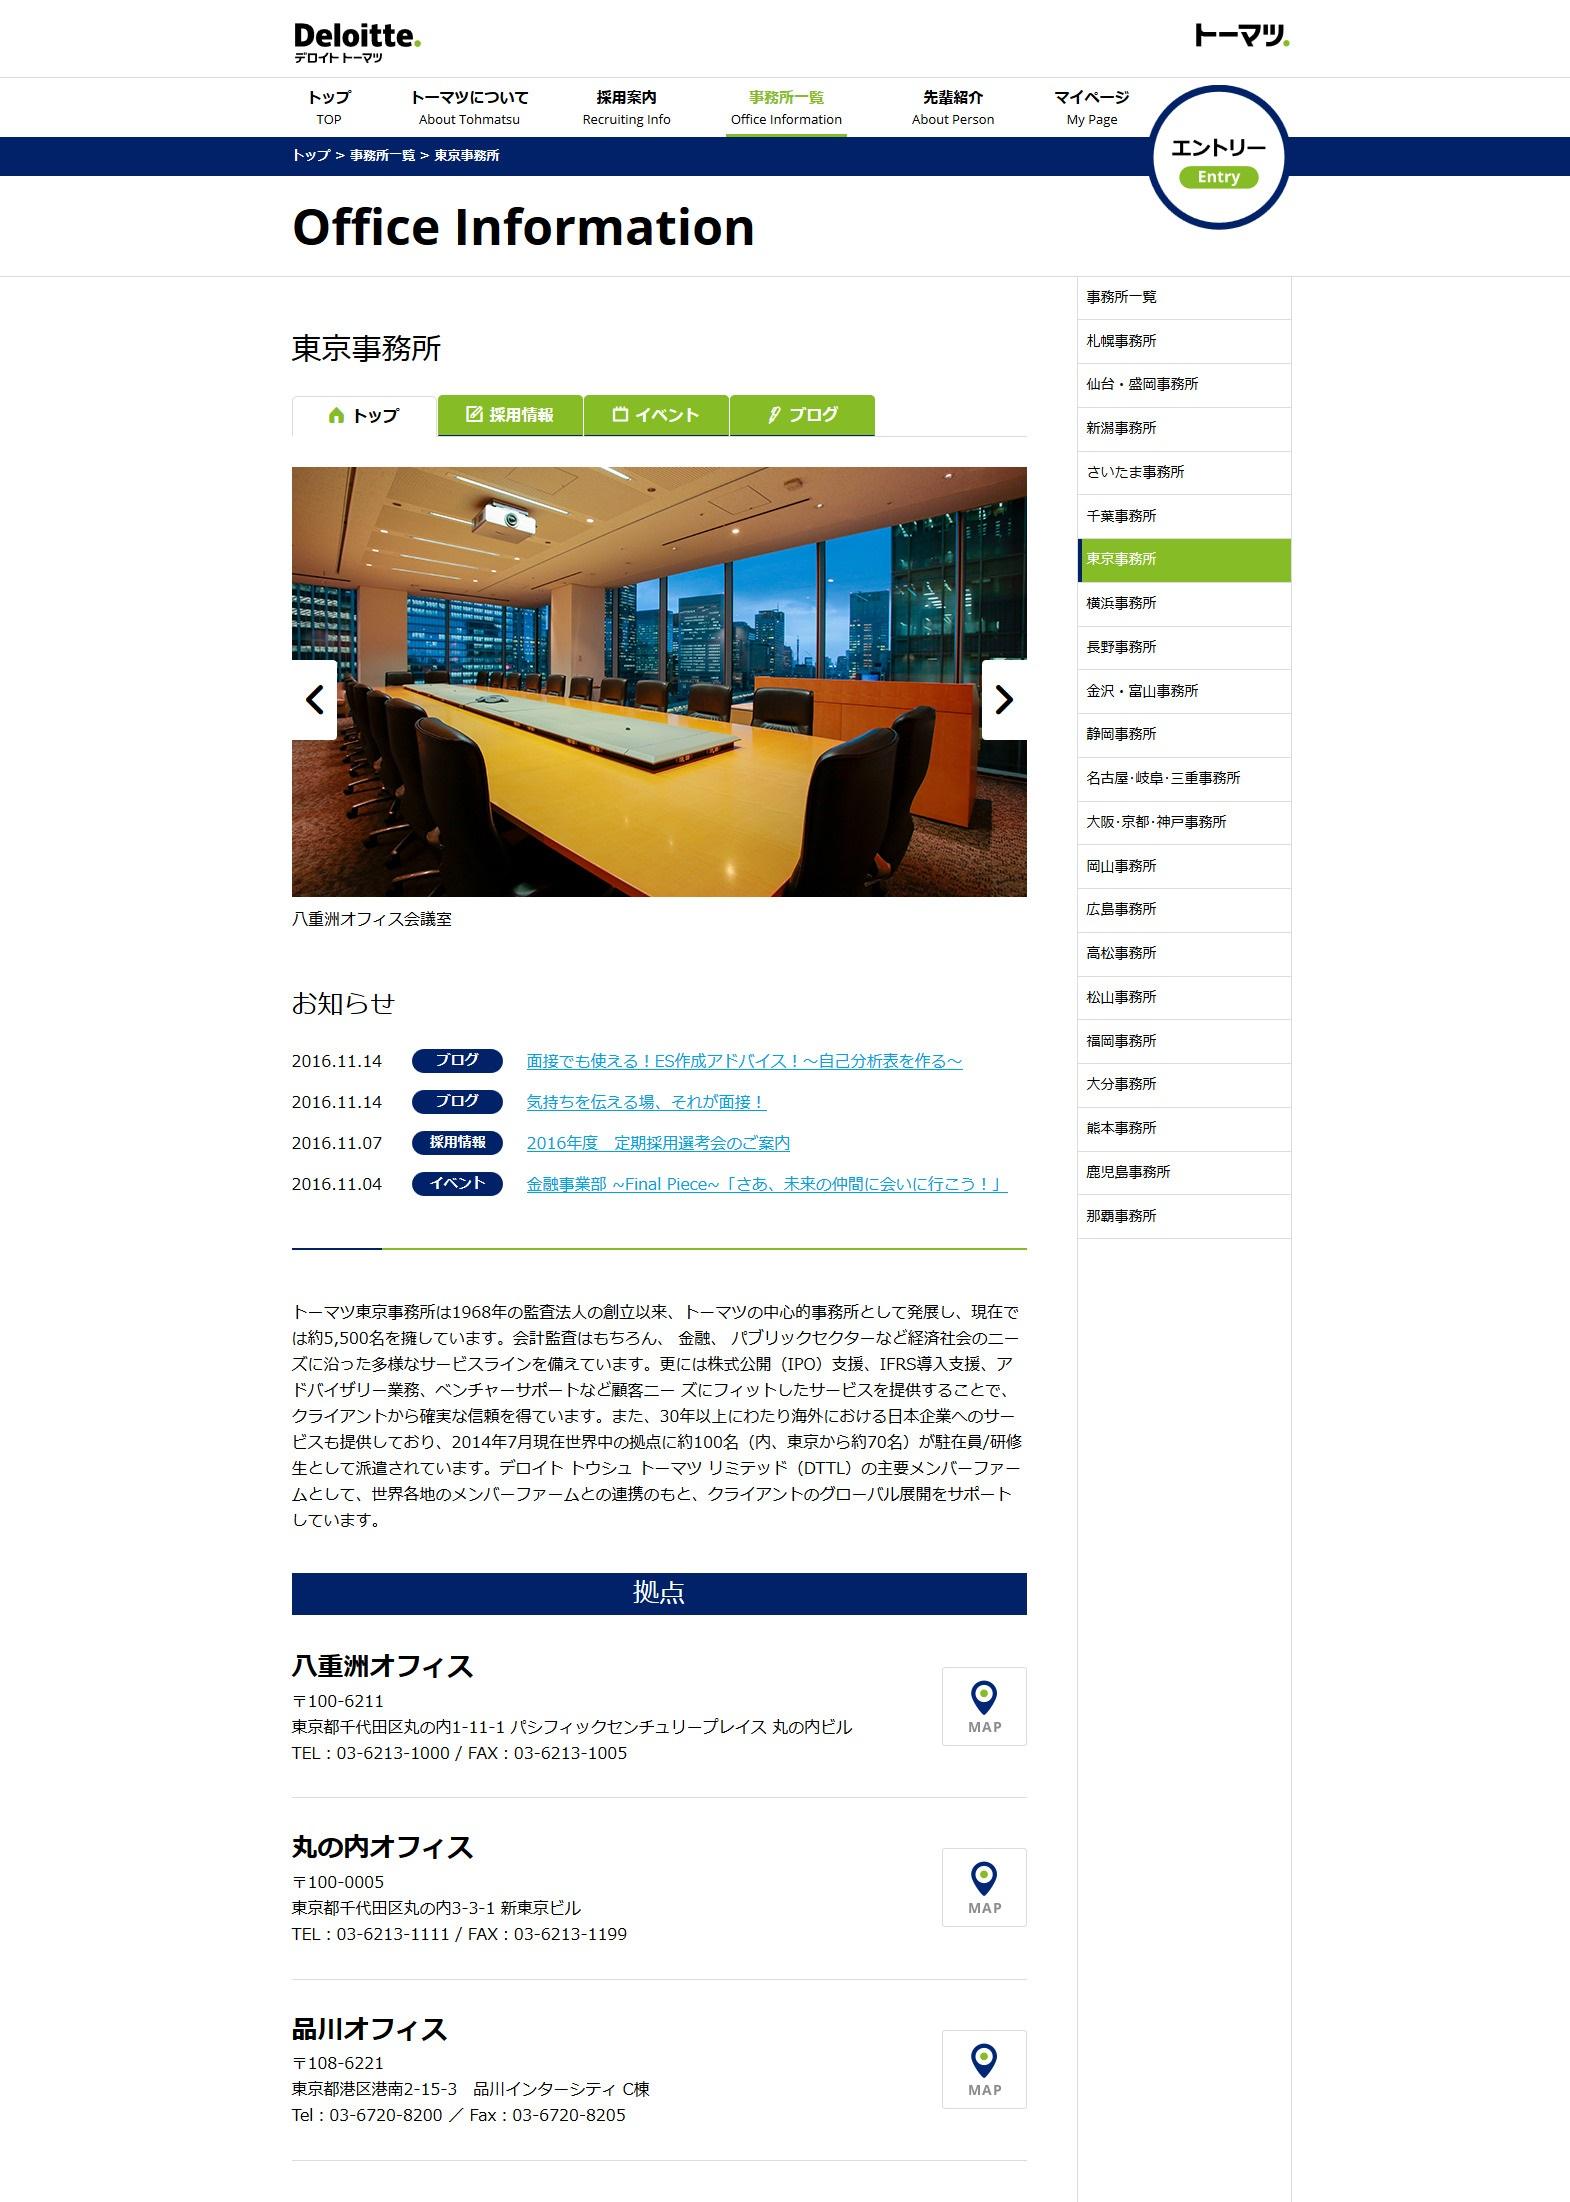 東京事務所 - 有限責任監査法人トーマツ 採用サイト